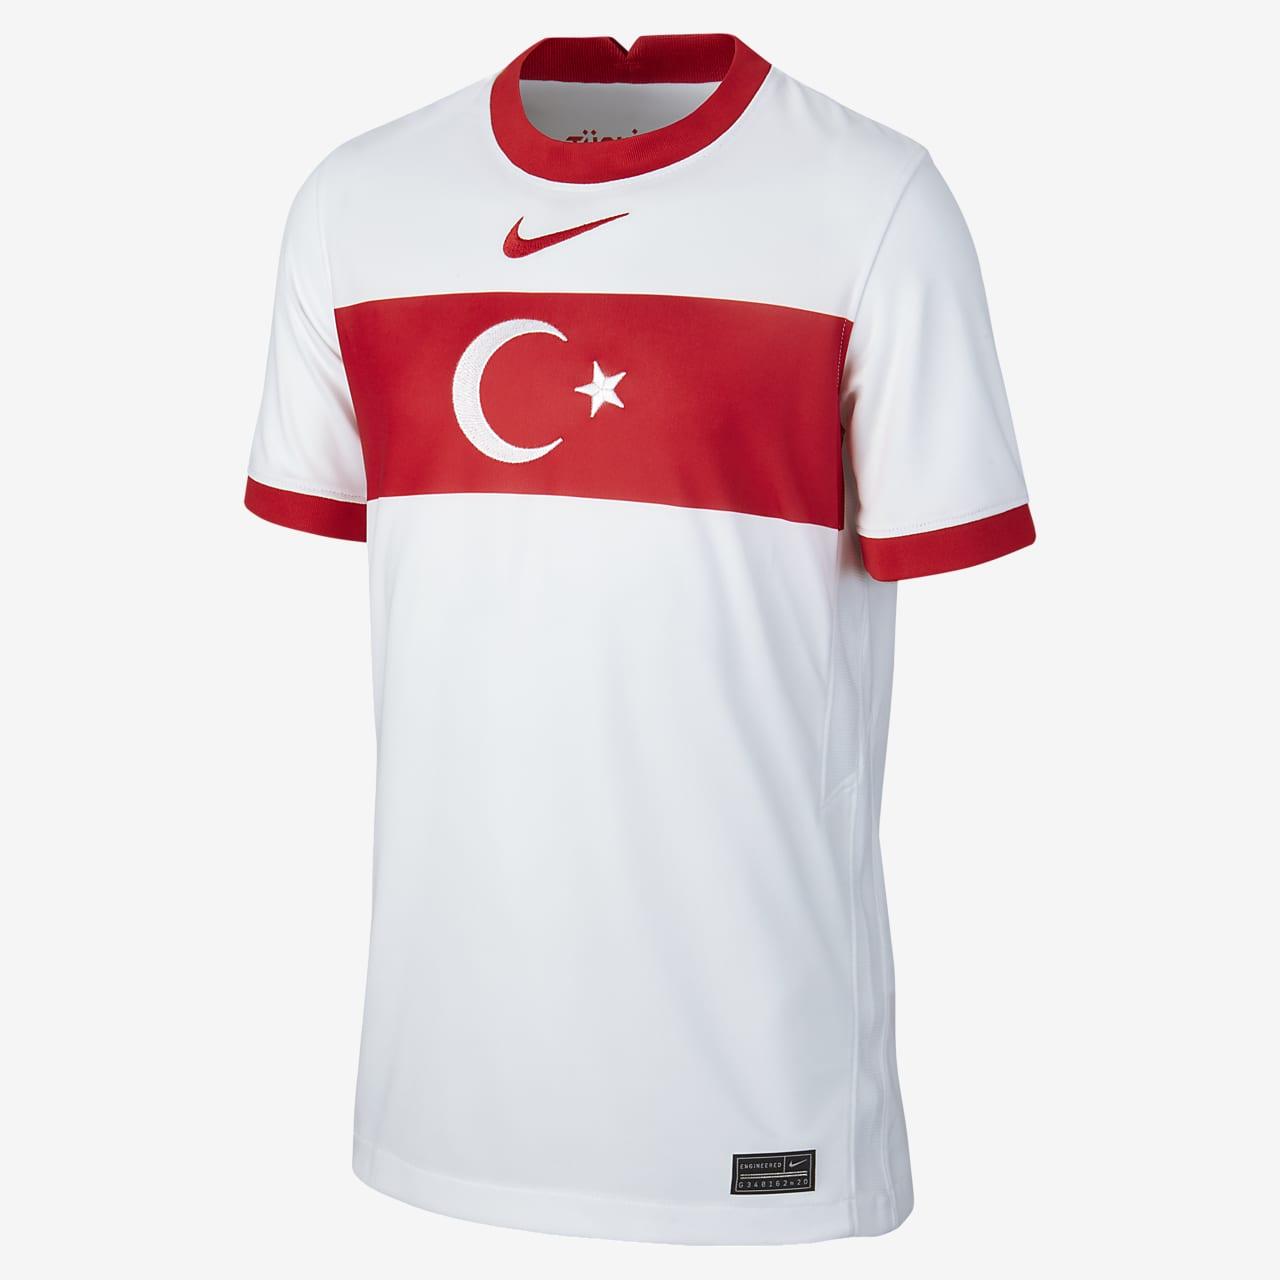 Tyrkiet 2020 Stadium Home-fodboldtrøje til store børn